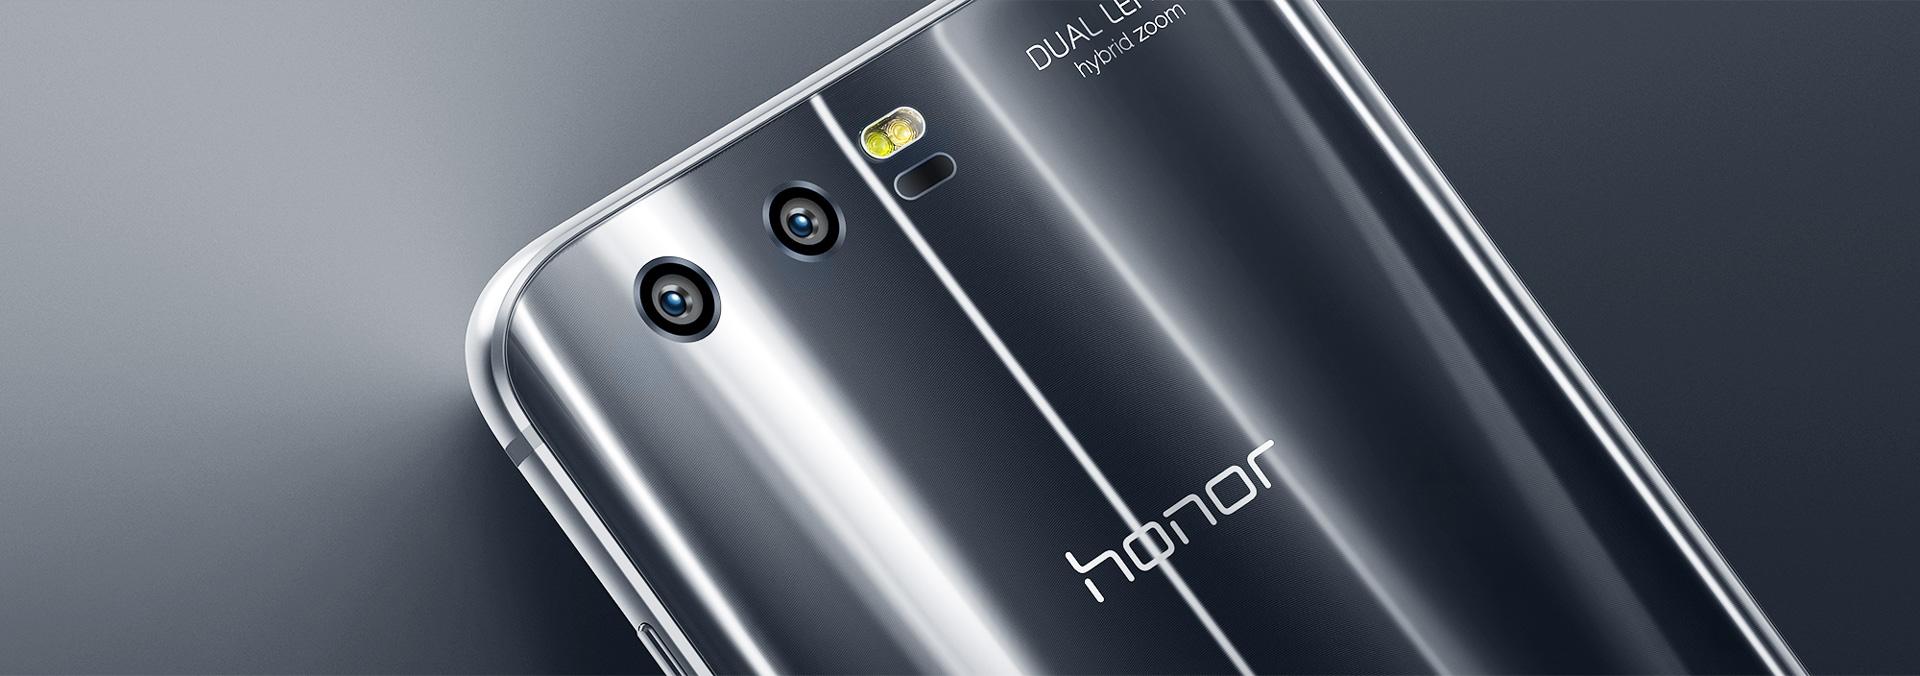 Çinli akıllı telefonlar